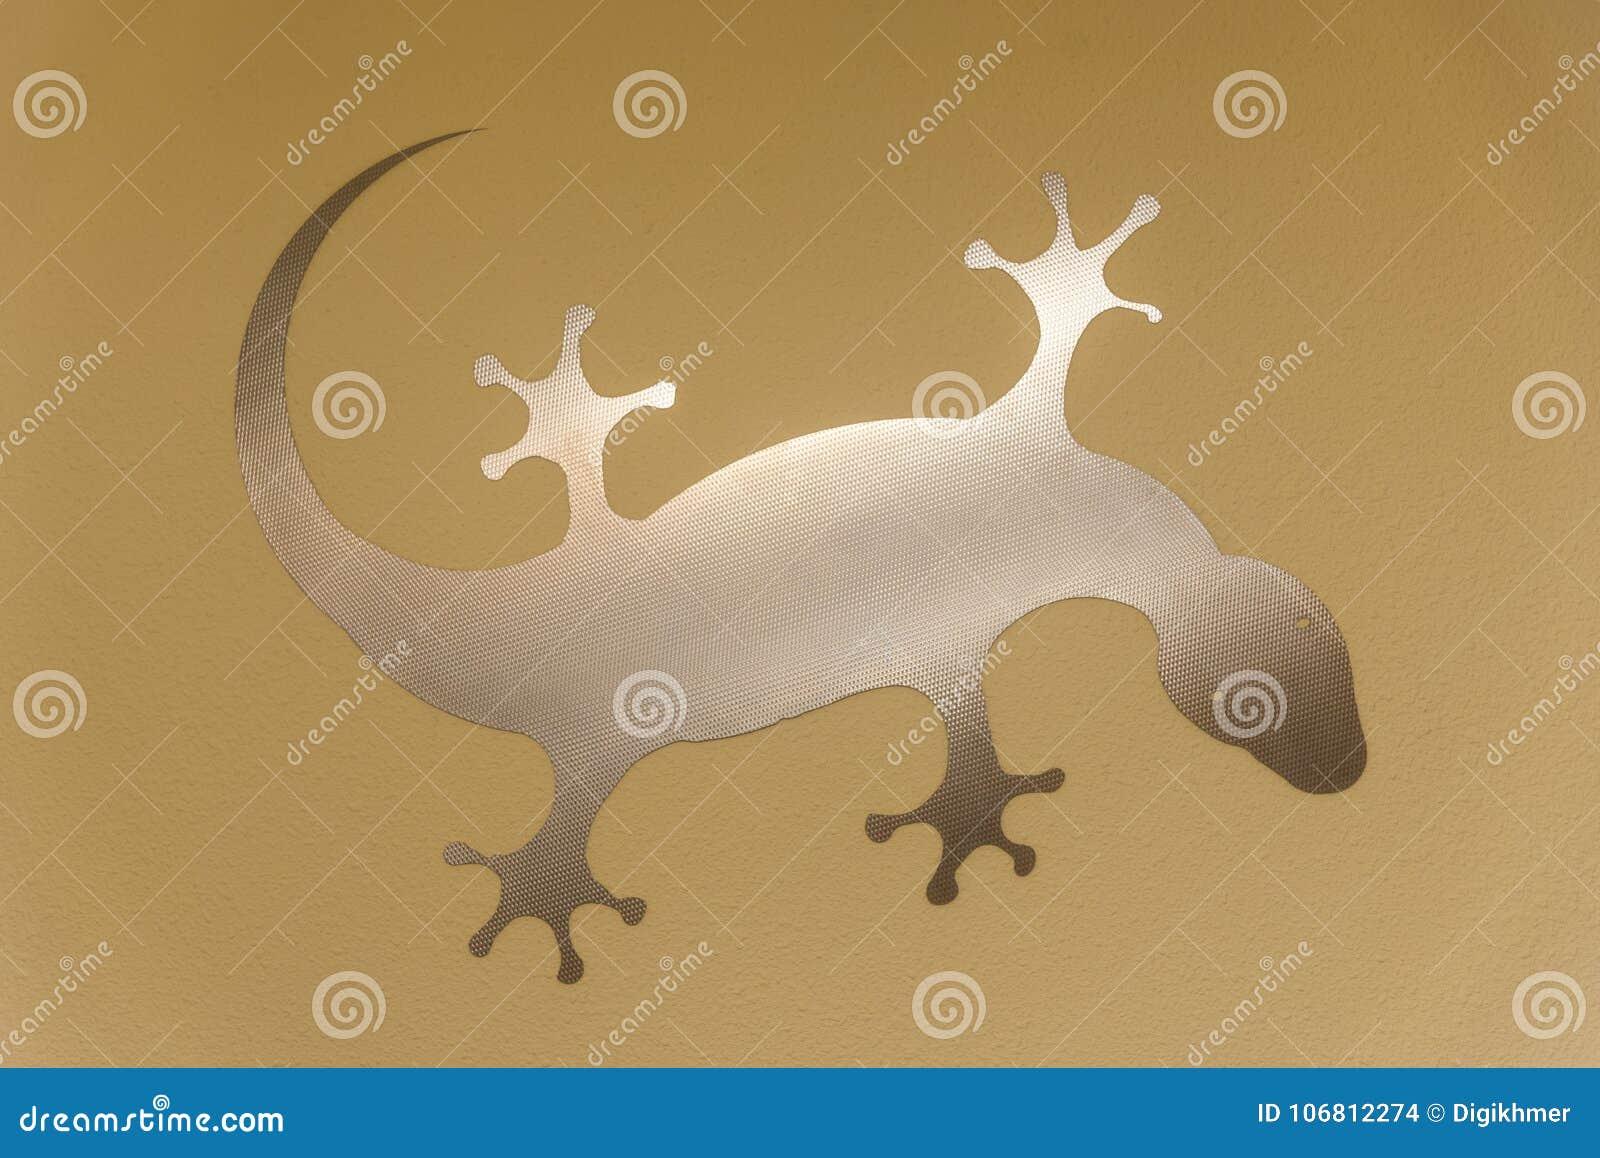 Διακόσμηση Gecko στον τοίχο